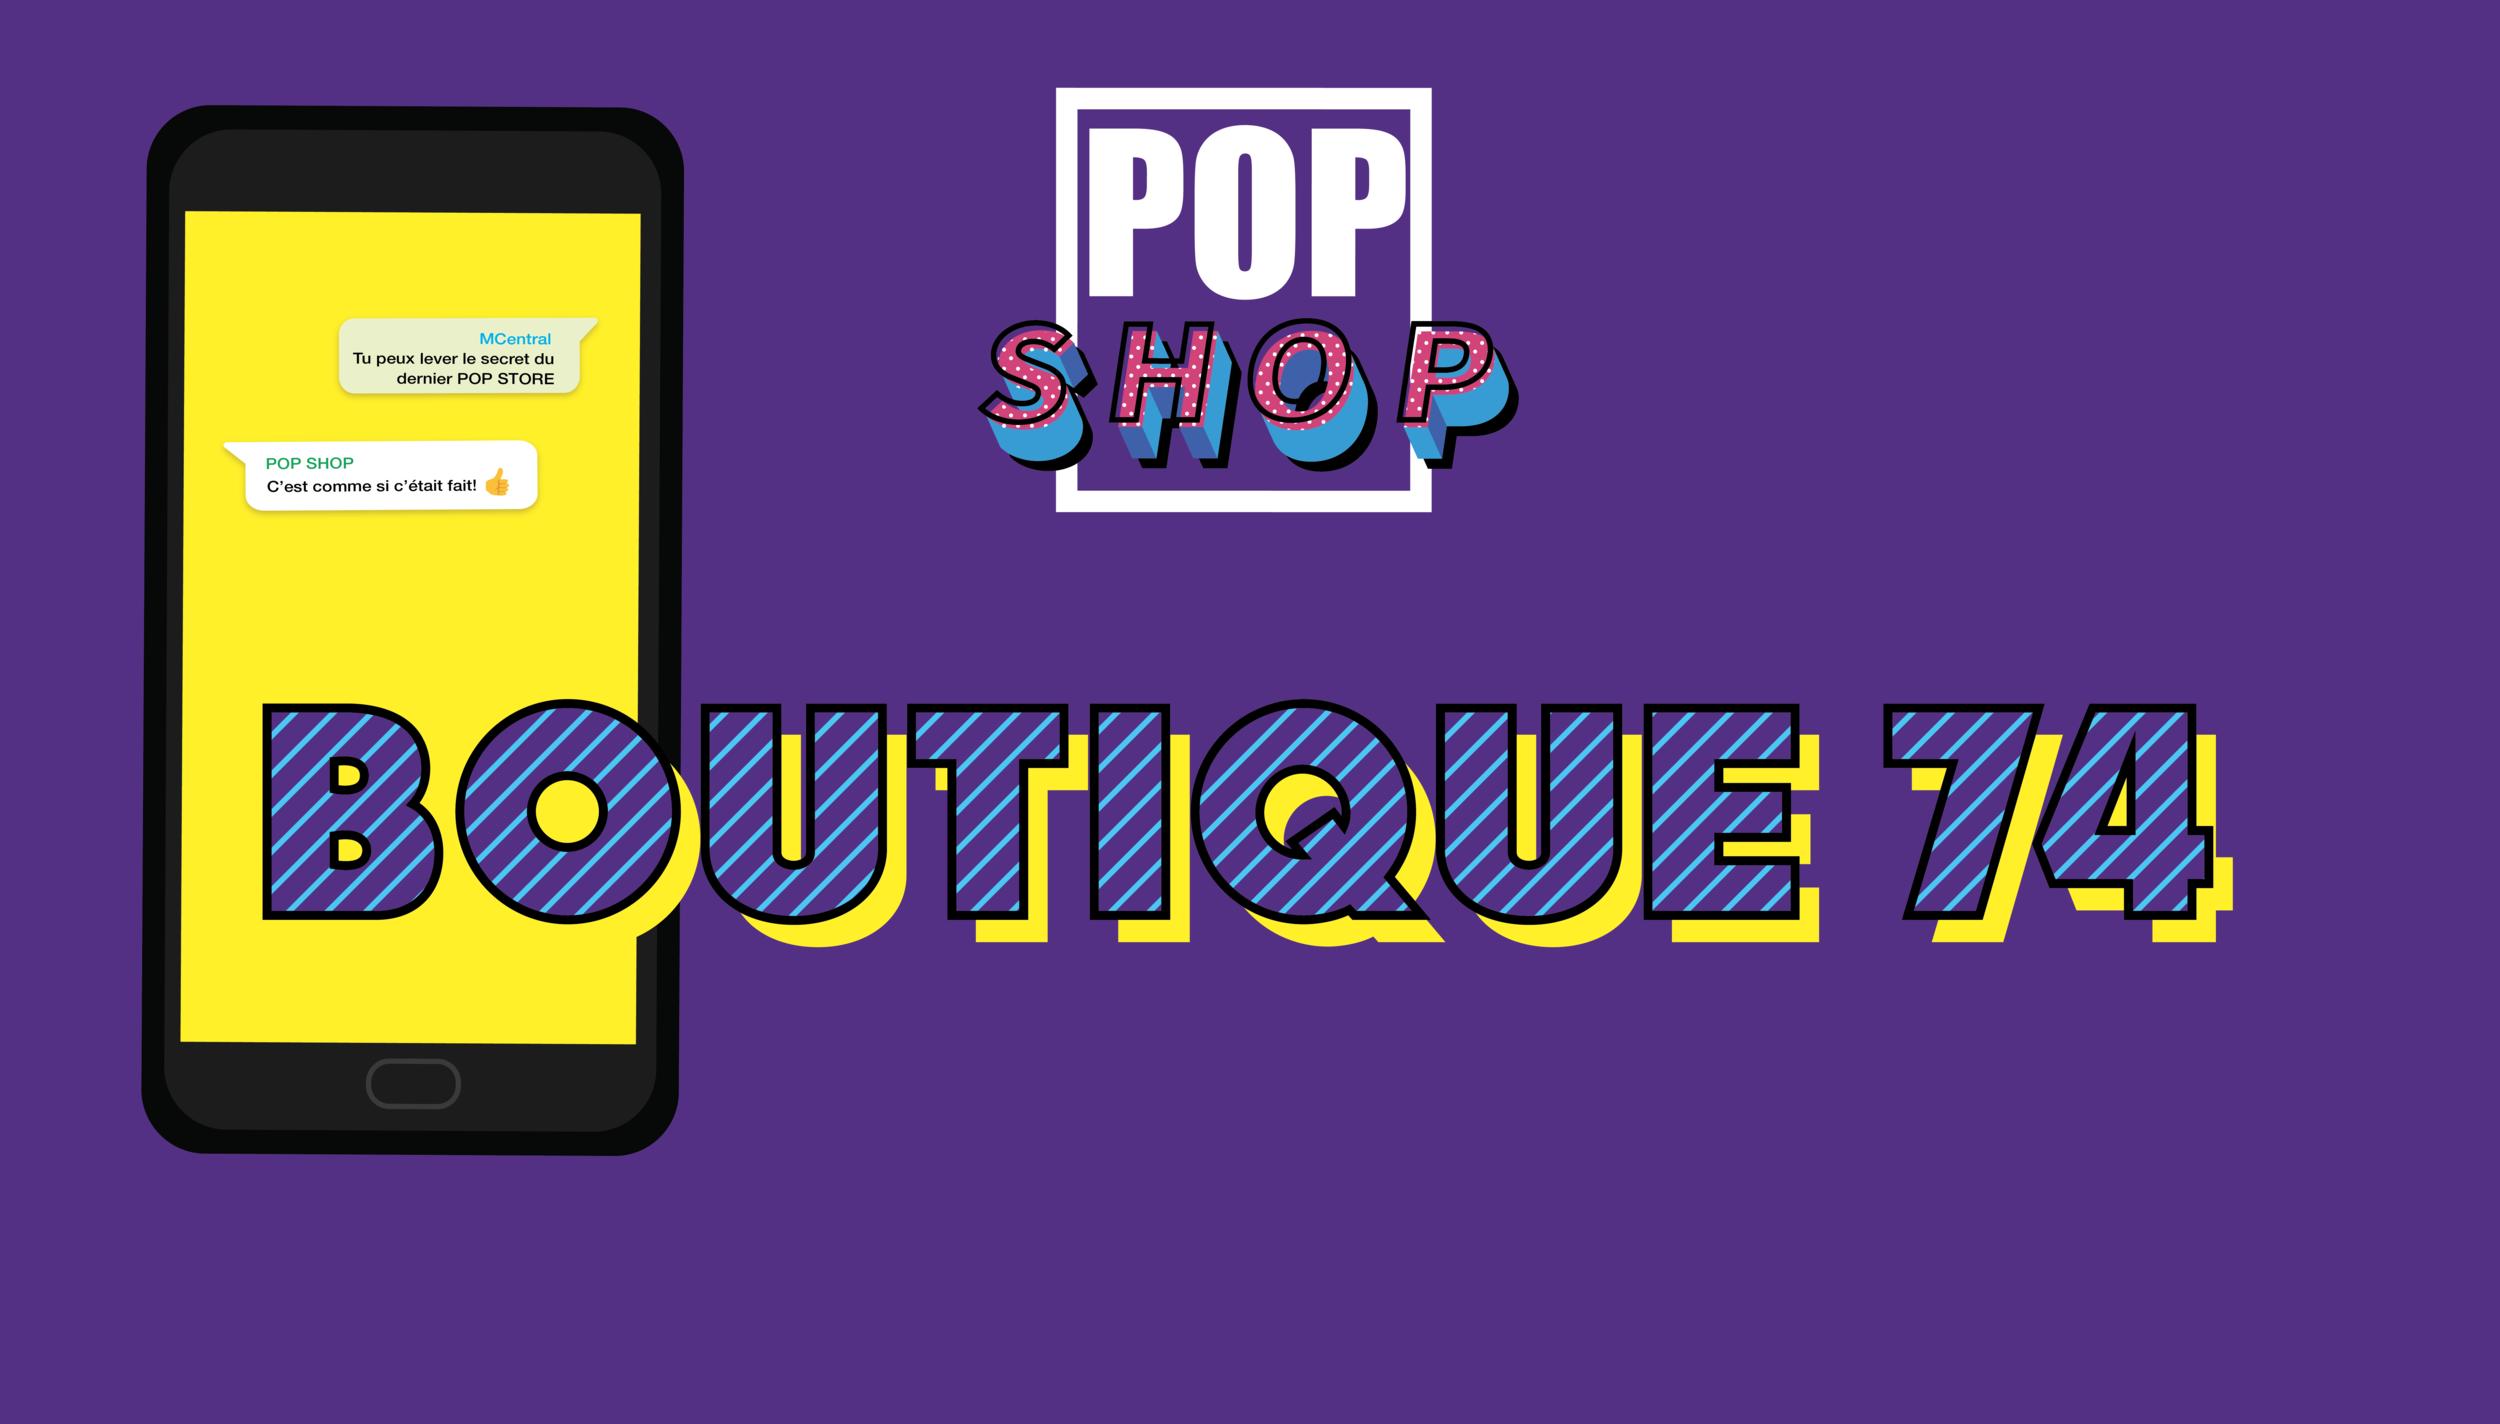 Bannière boutique 74 without MCentral-07.png